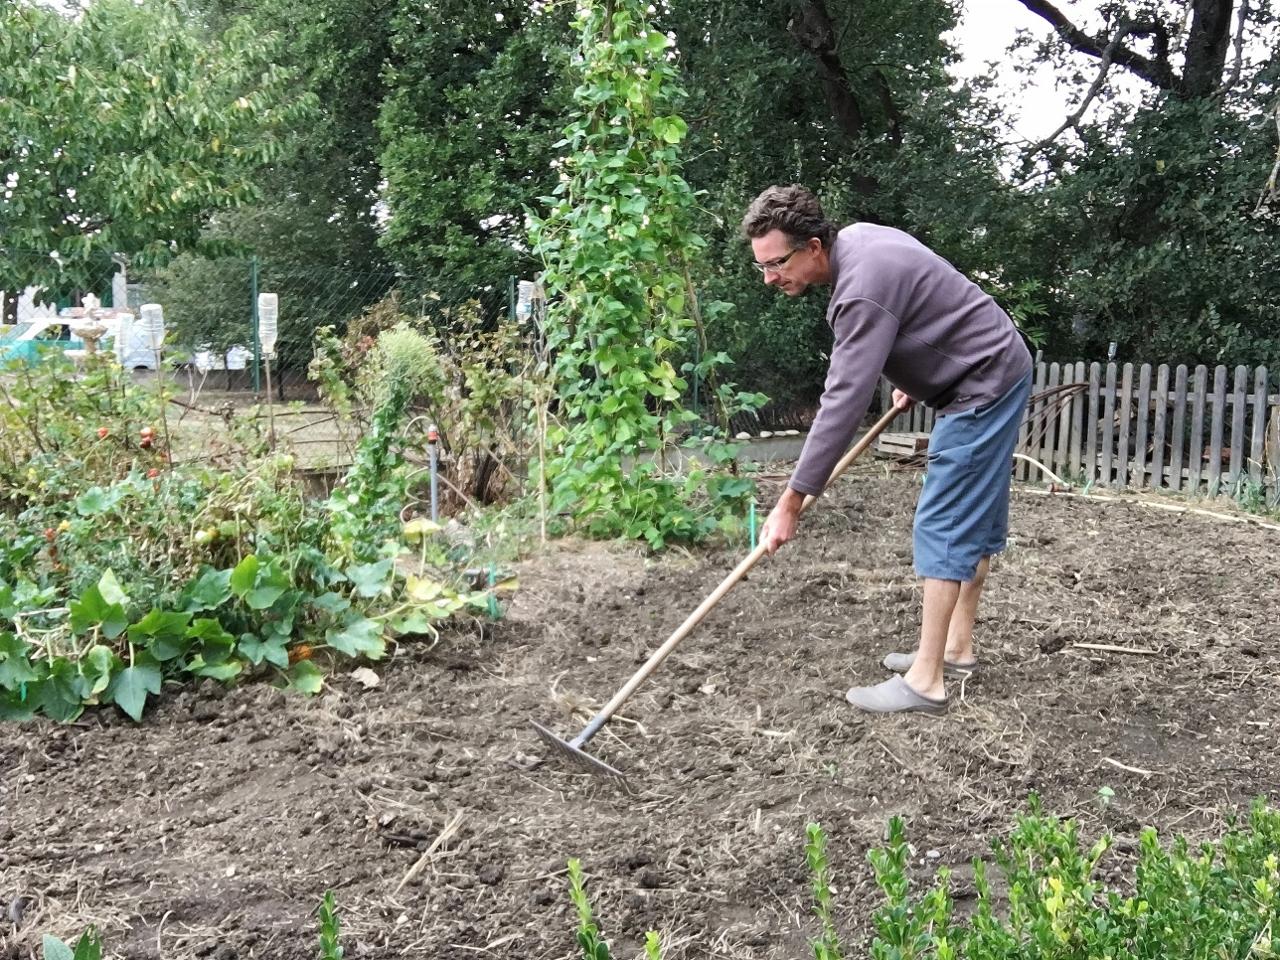 Mon semis d 39 engrais verts septembre 2016 - Engrais vert d automne ...